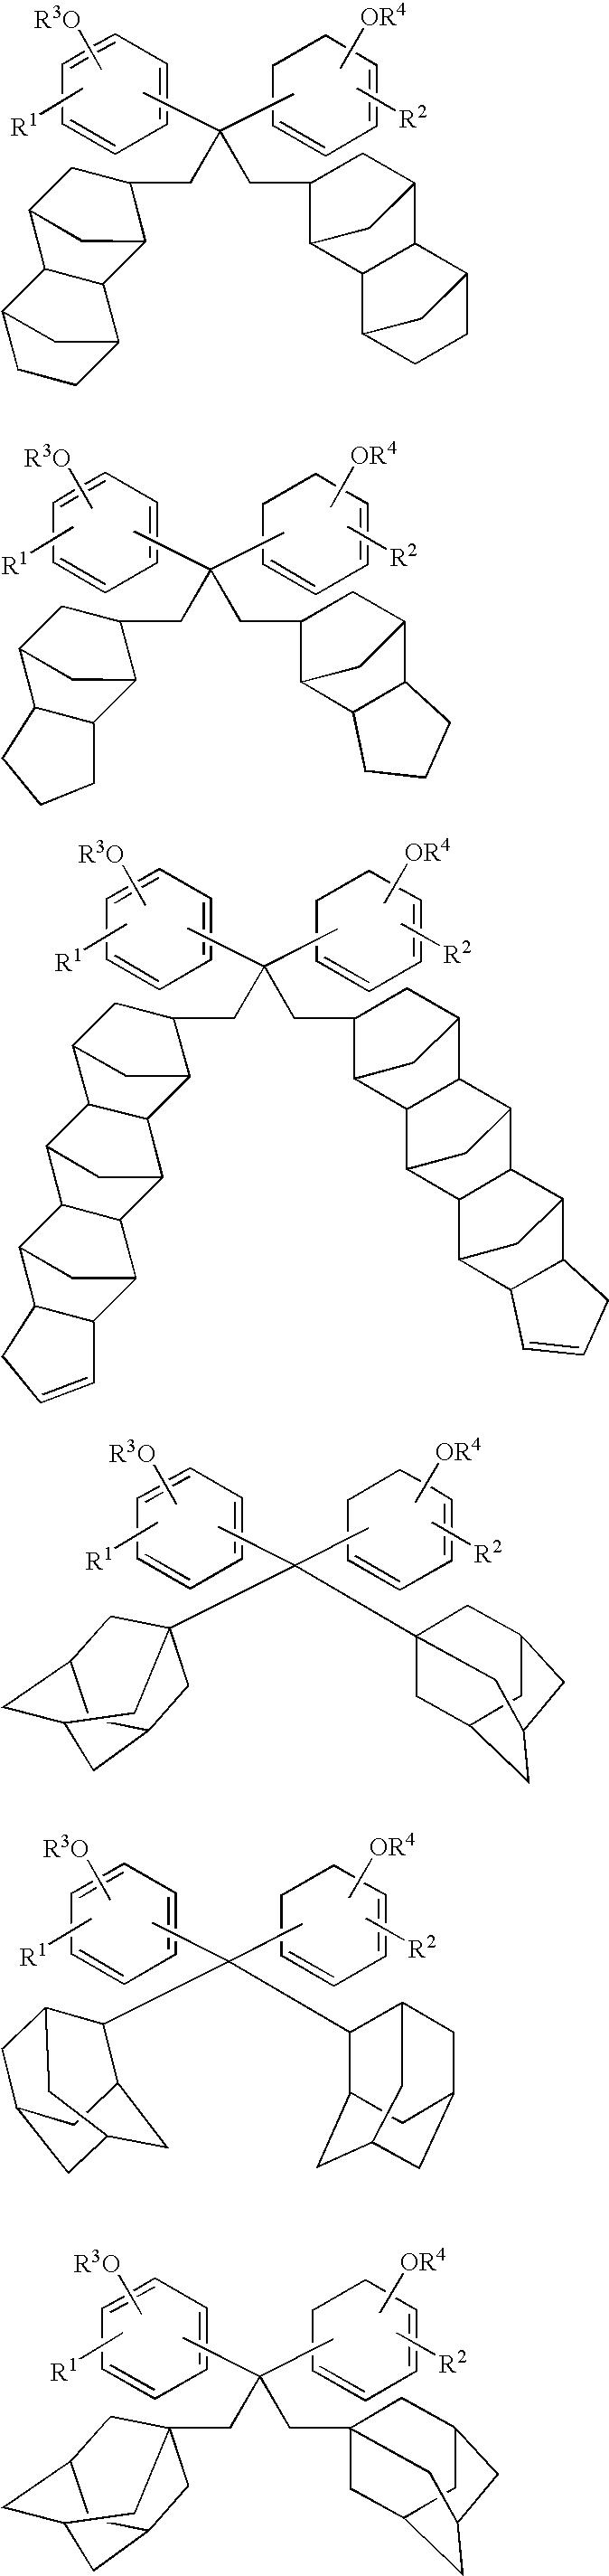 Figure US20070275325A1-20071129-C00008